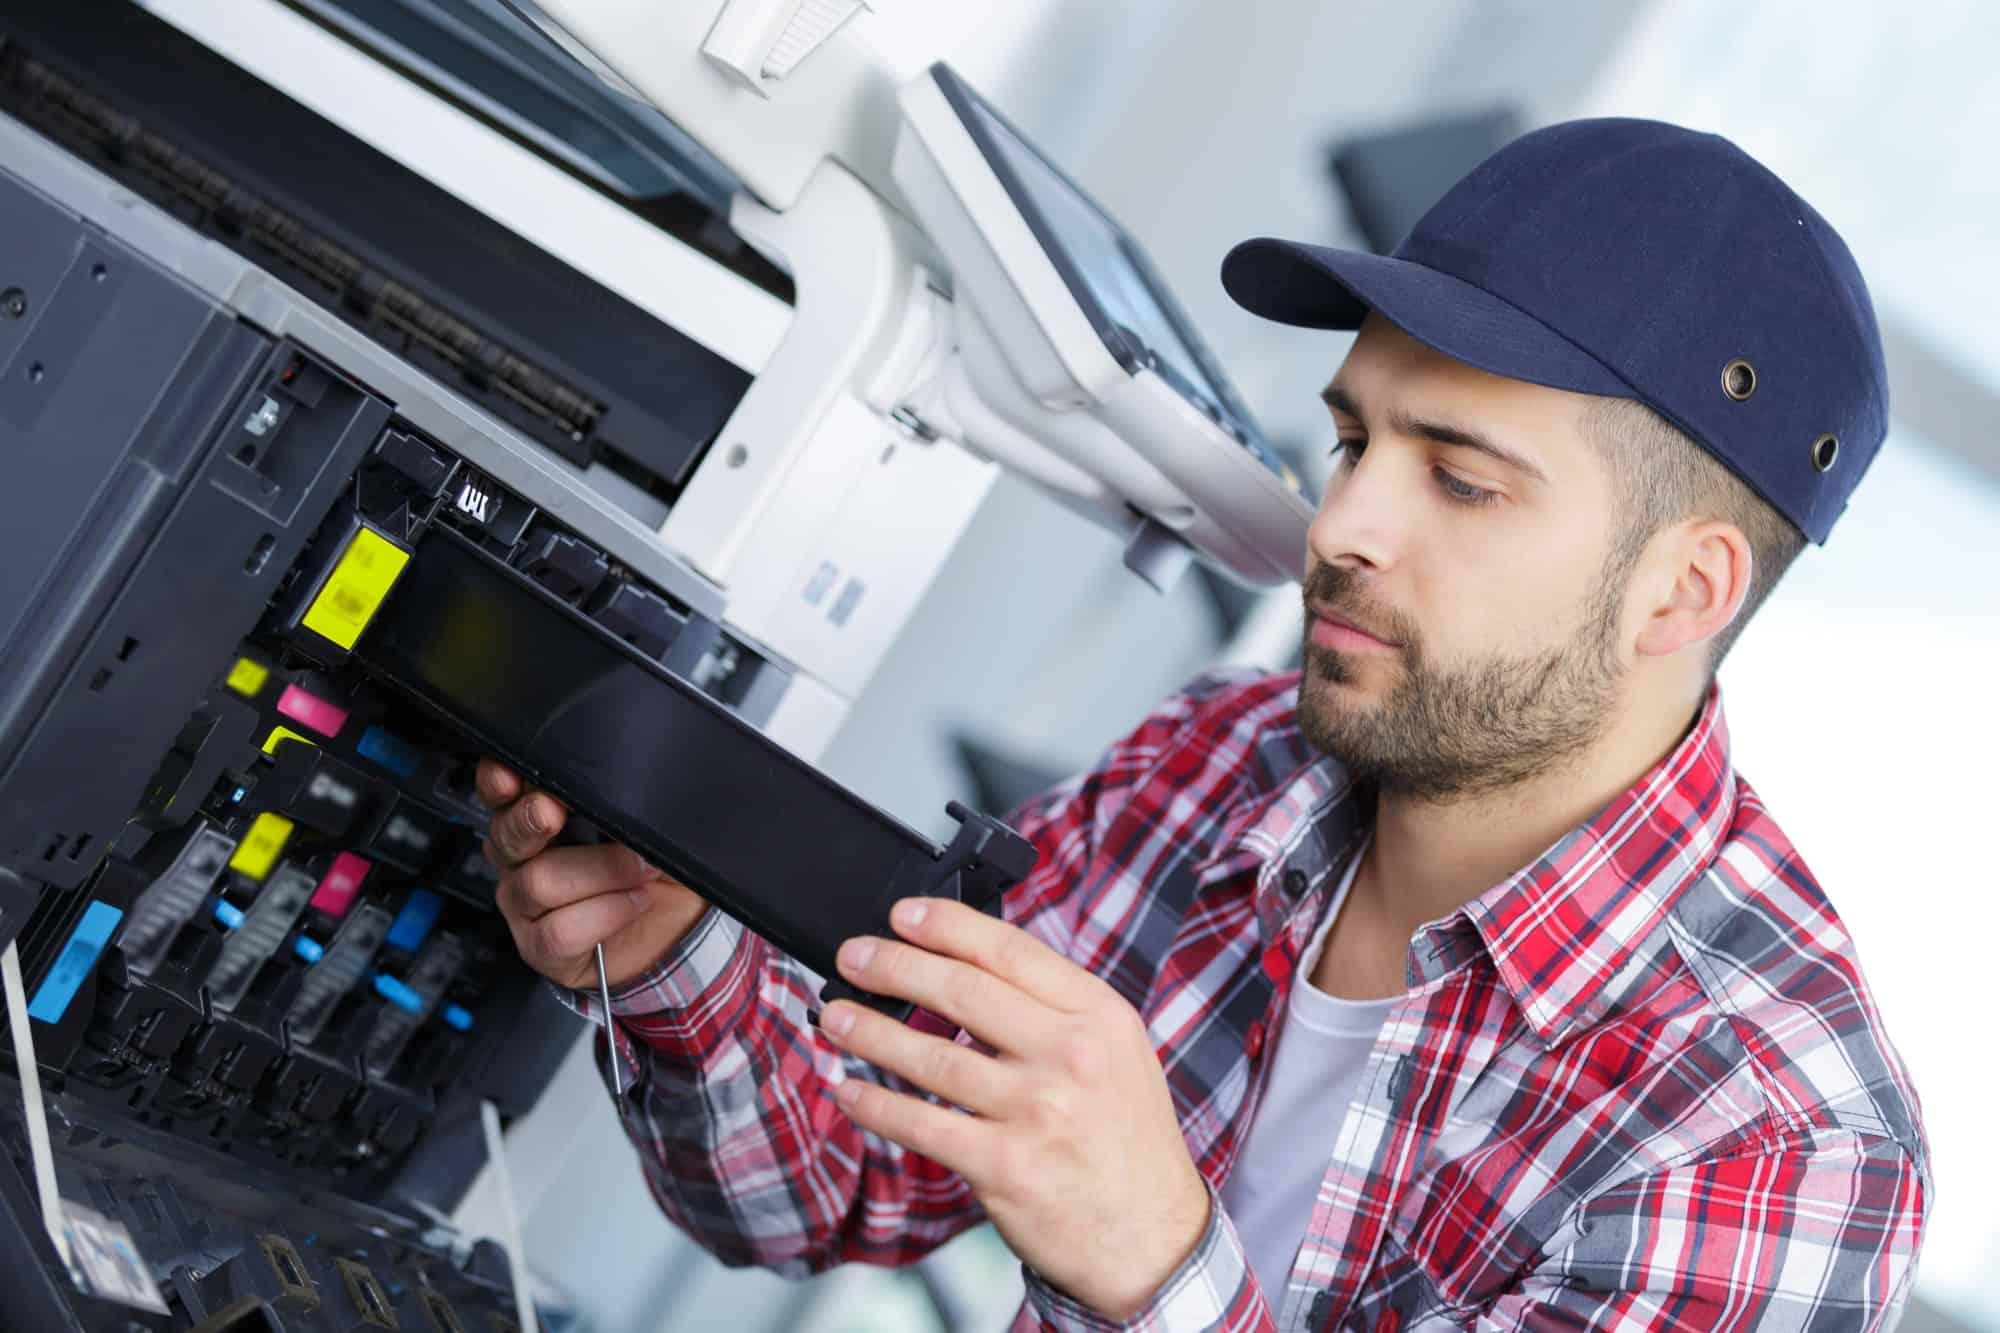 Homem consertando a impressora